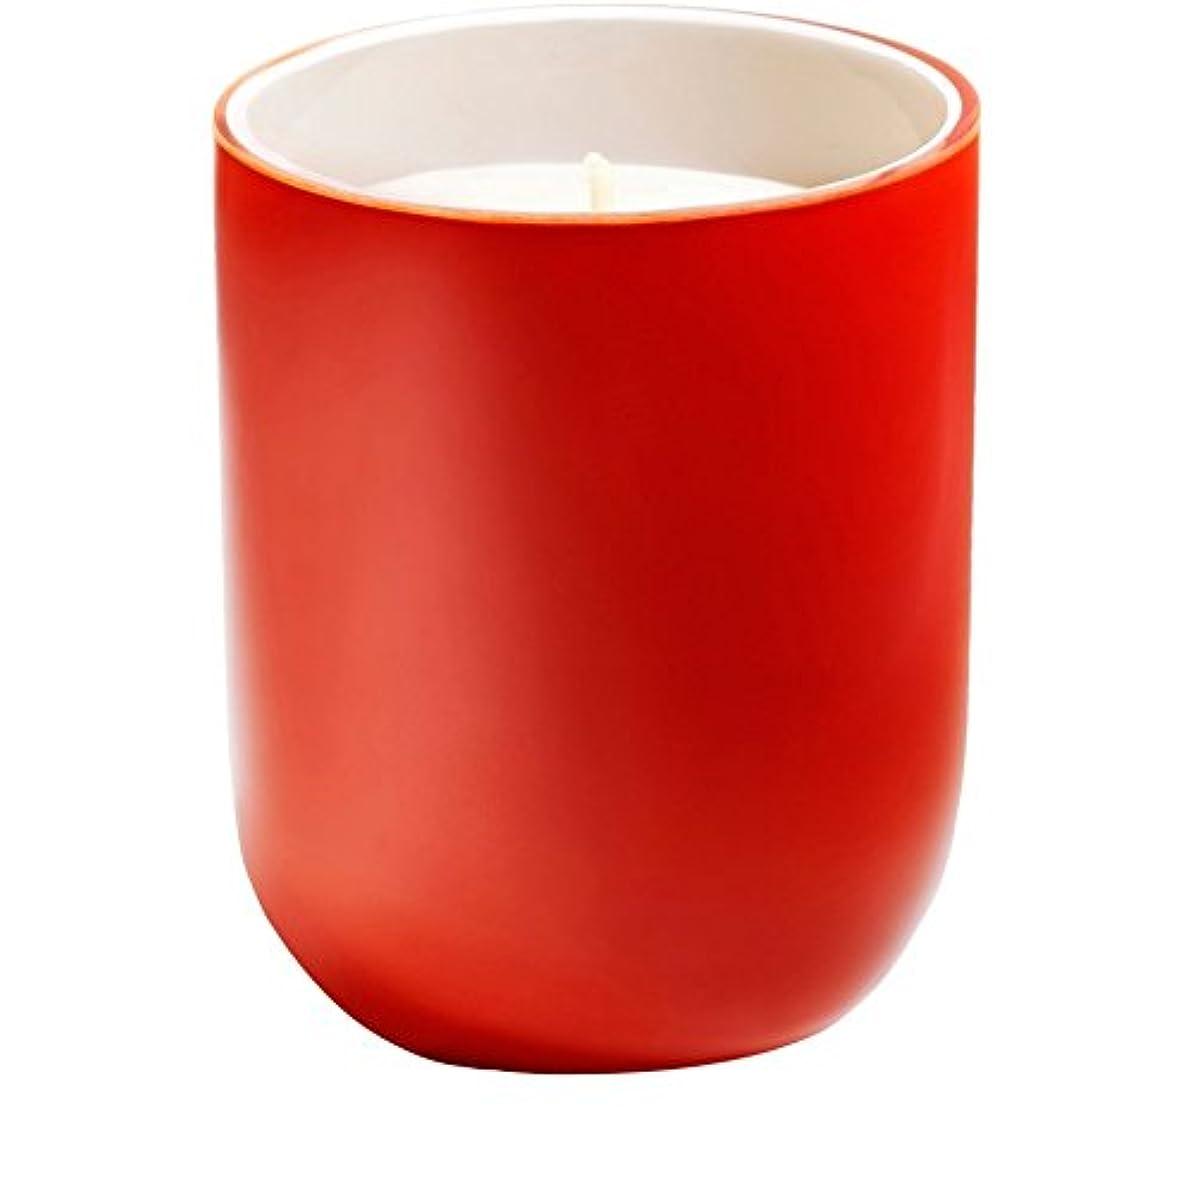 エンジニアリング行石炭フレデリック?マルシェムッシュ香りのキャンドル x6 - Frederic Malle Chez Monsieur Scented Candle (Pack of 6) [並行輸入品]